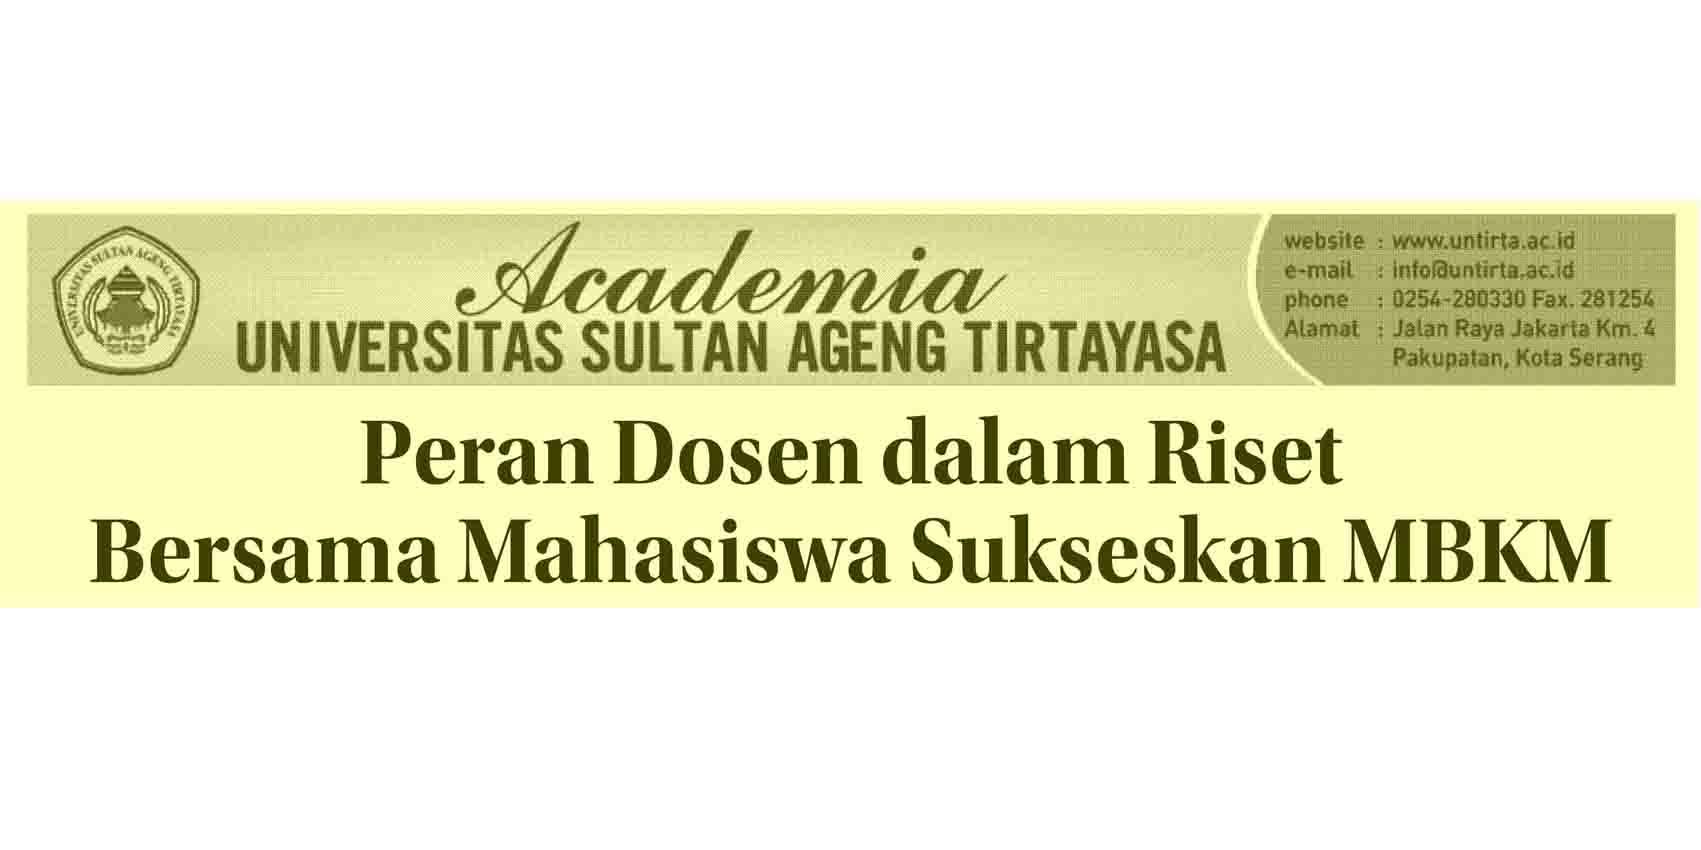 Peran Dosen dalam Riset Bersama Mahasiswa Suskeskan MBKM